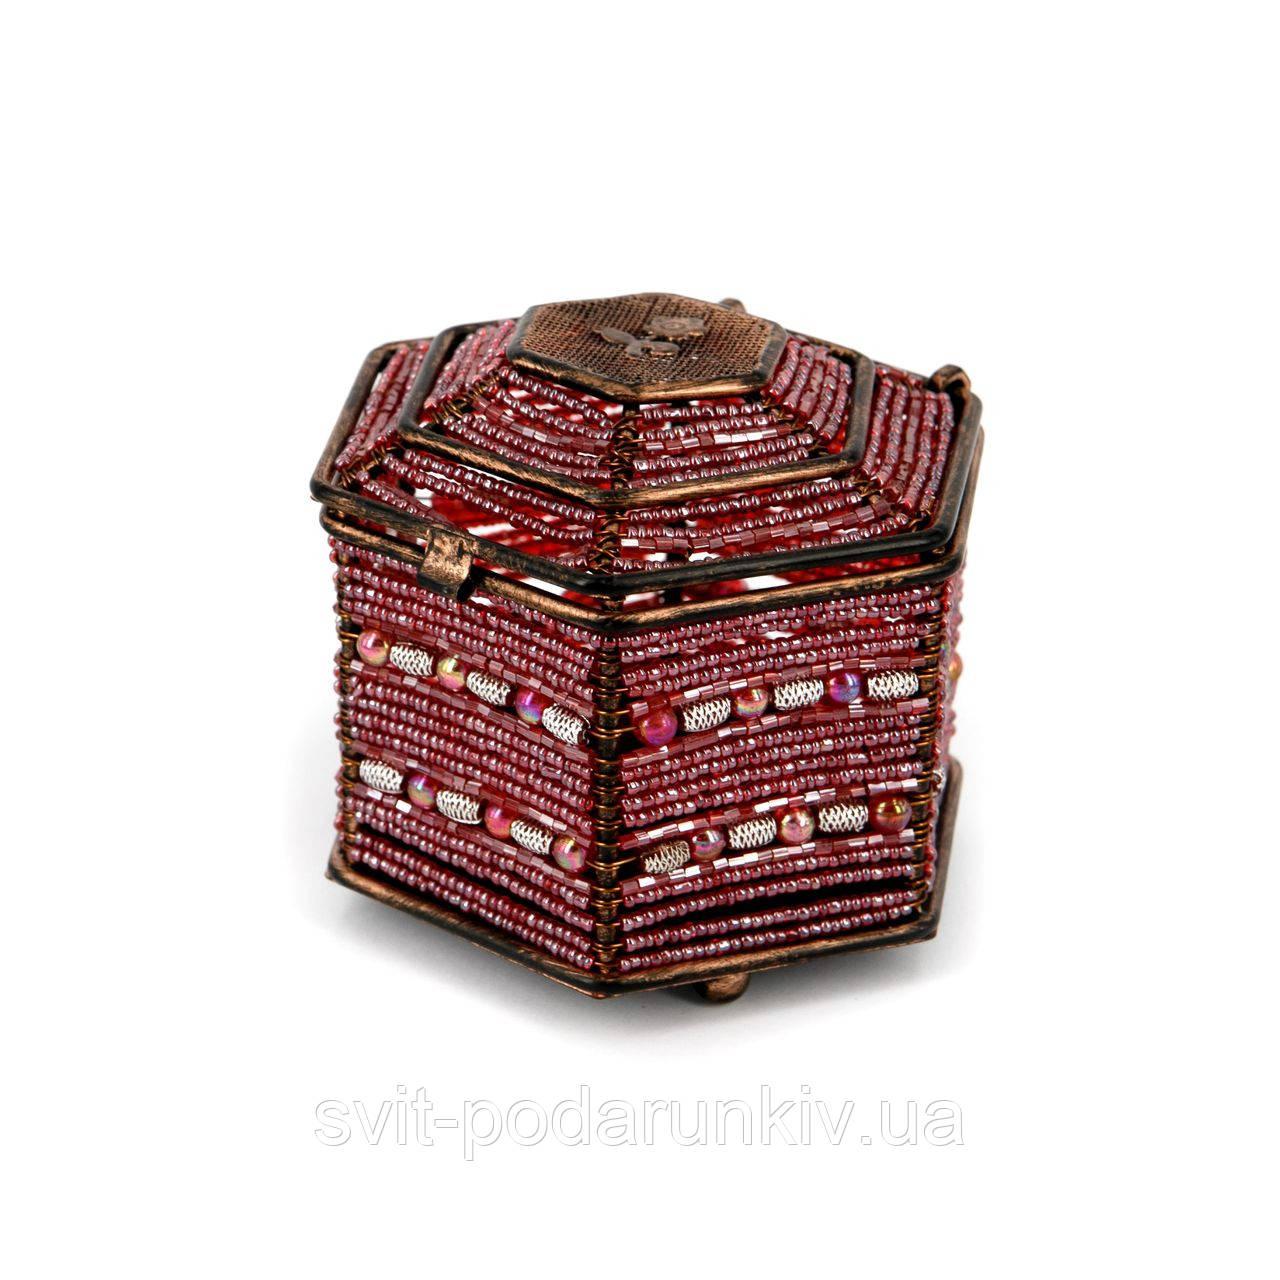 Шкатулка для бижутерии и украшений красная SВ-3